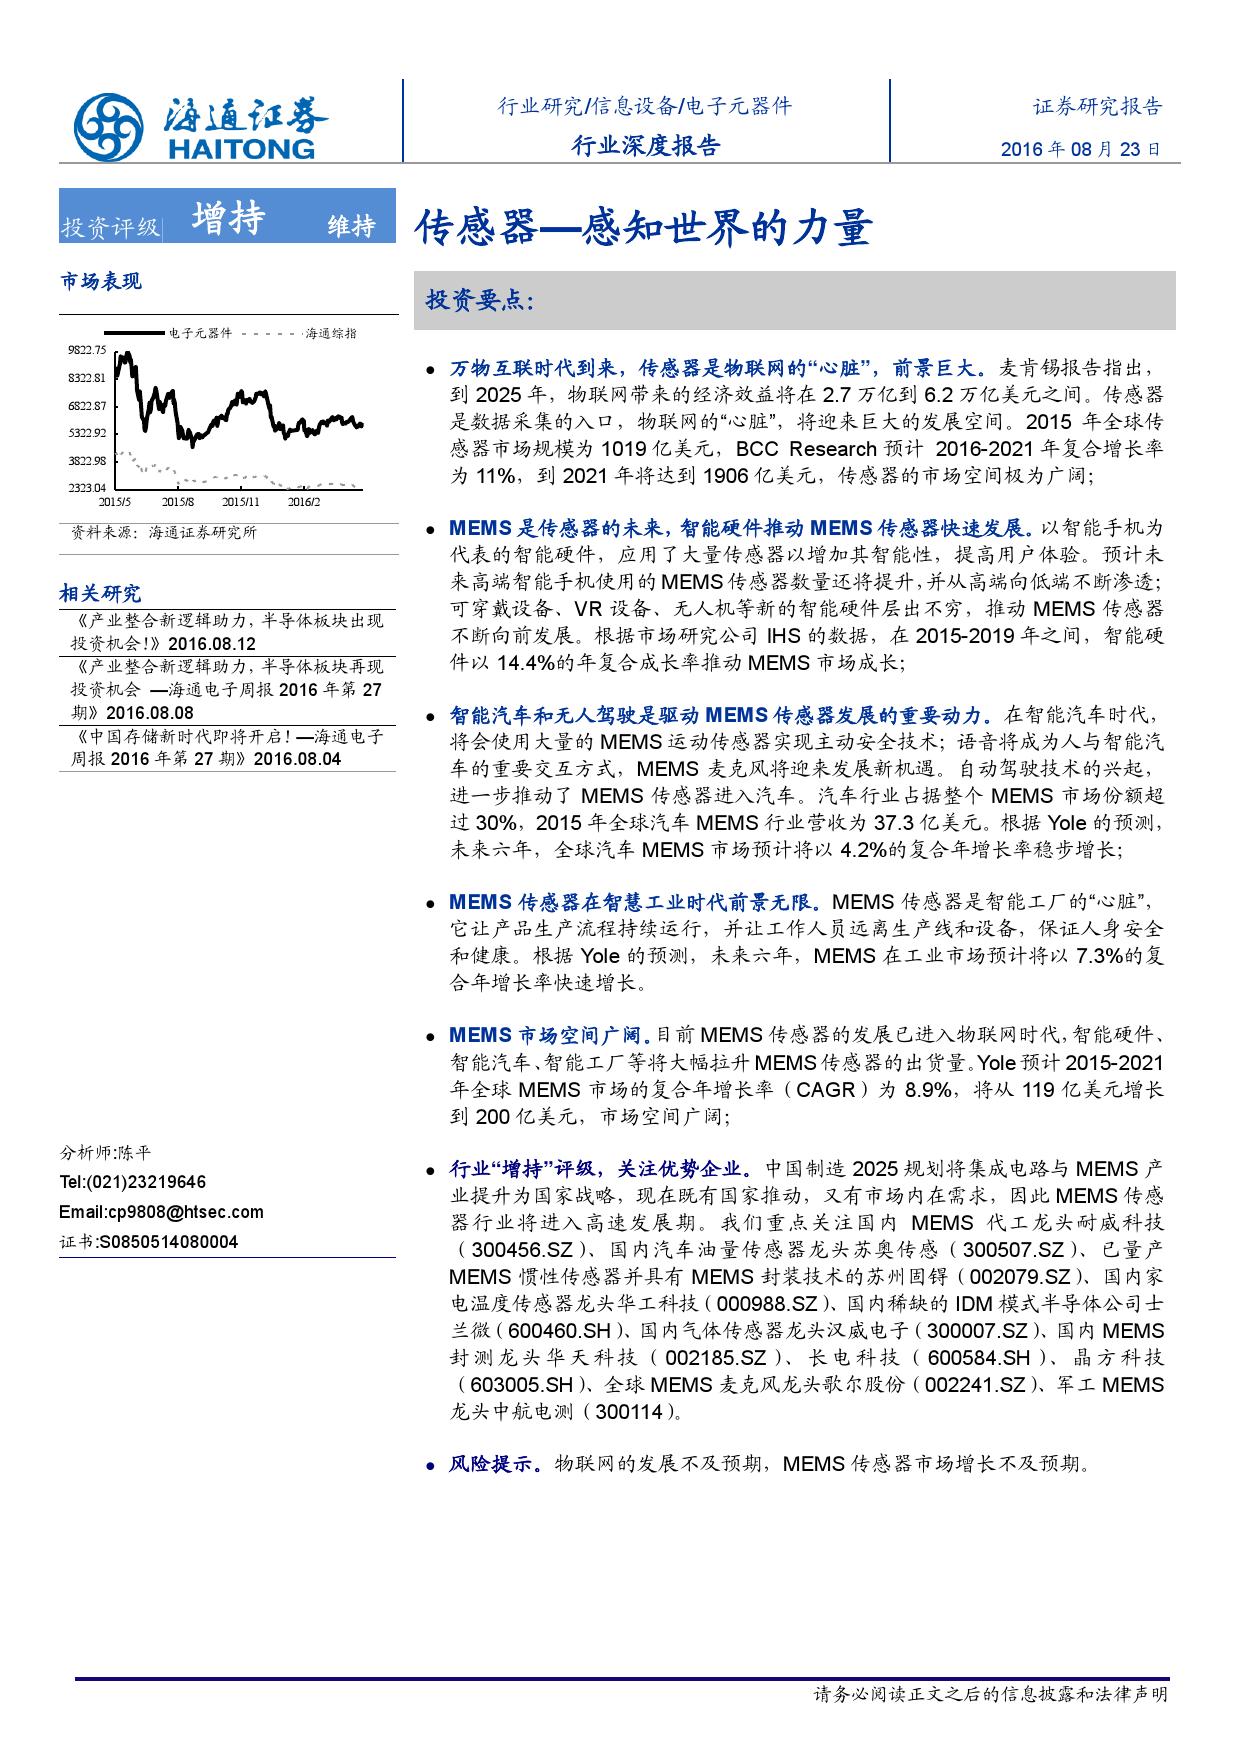 报告全解传感器全球产业链_000001